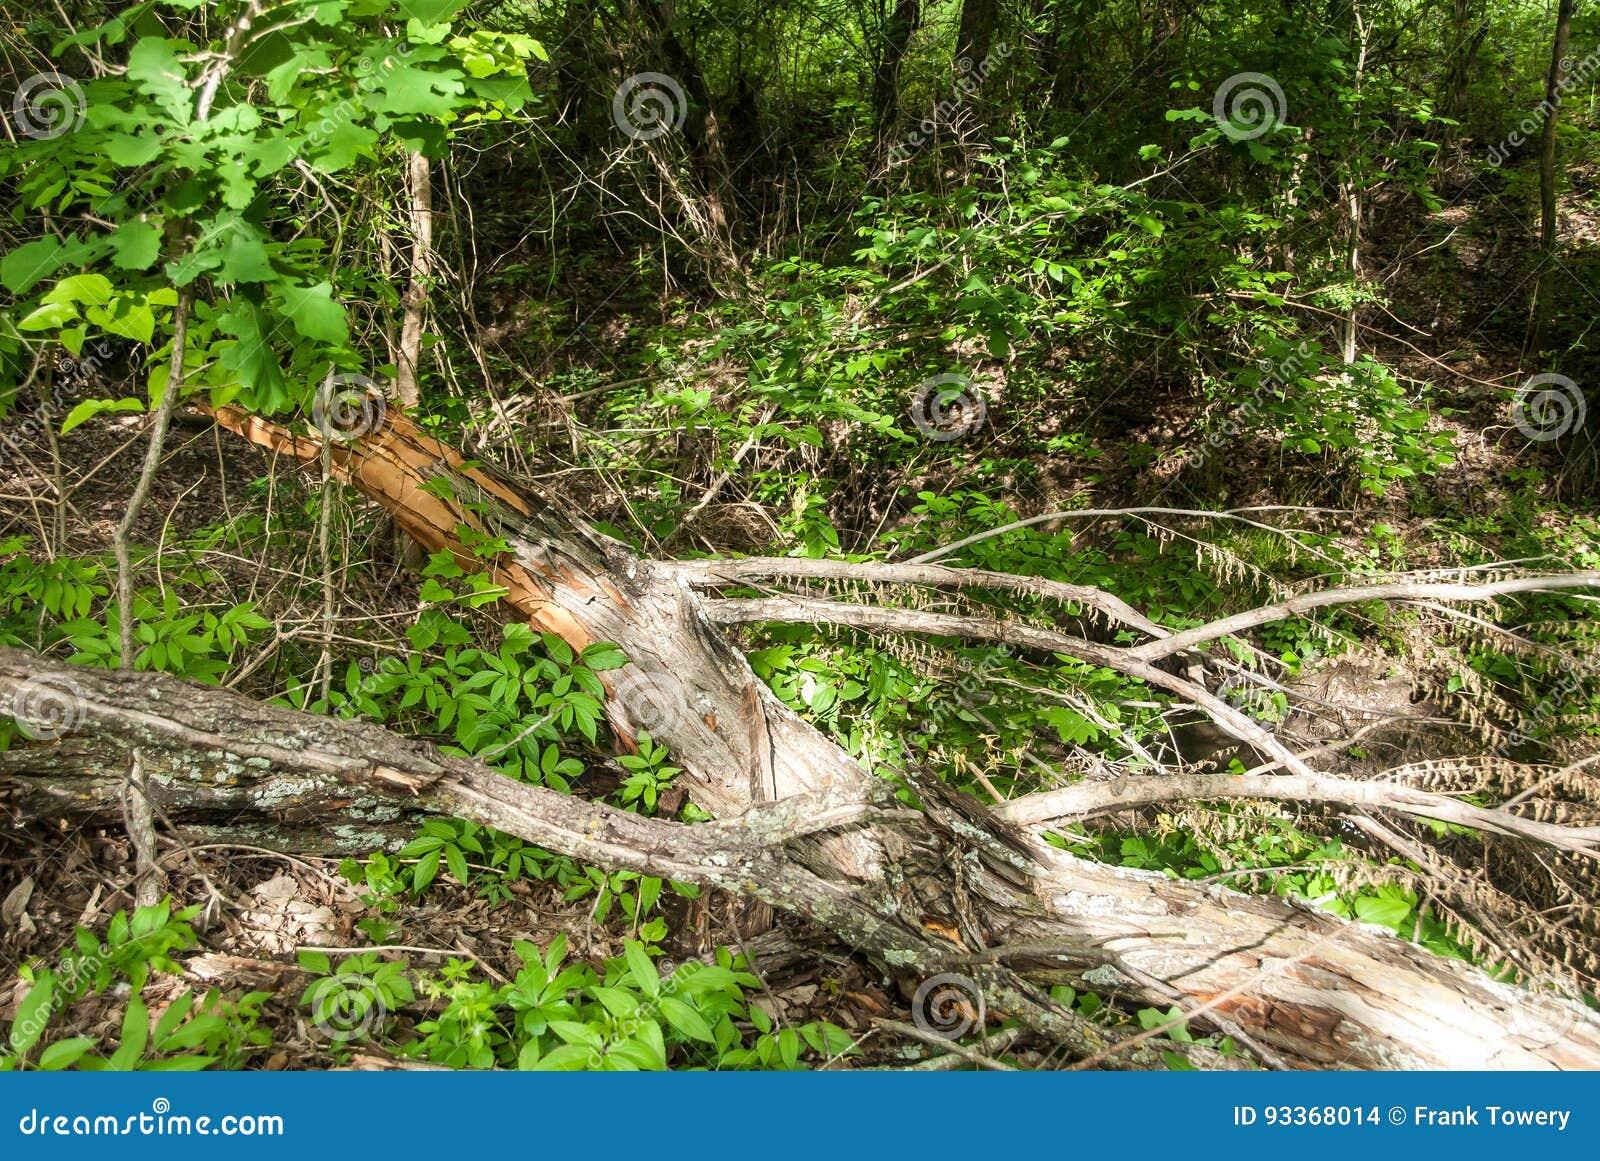 Мертвый лимб, с стручками семени